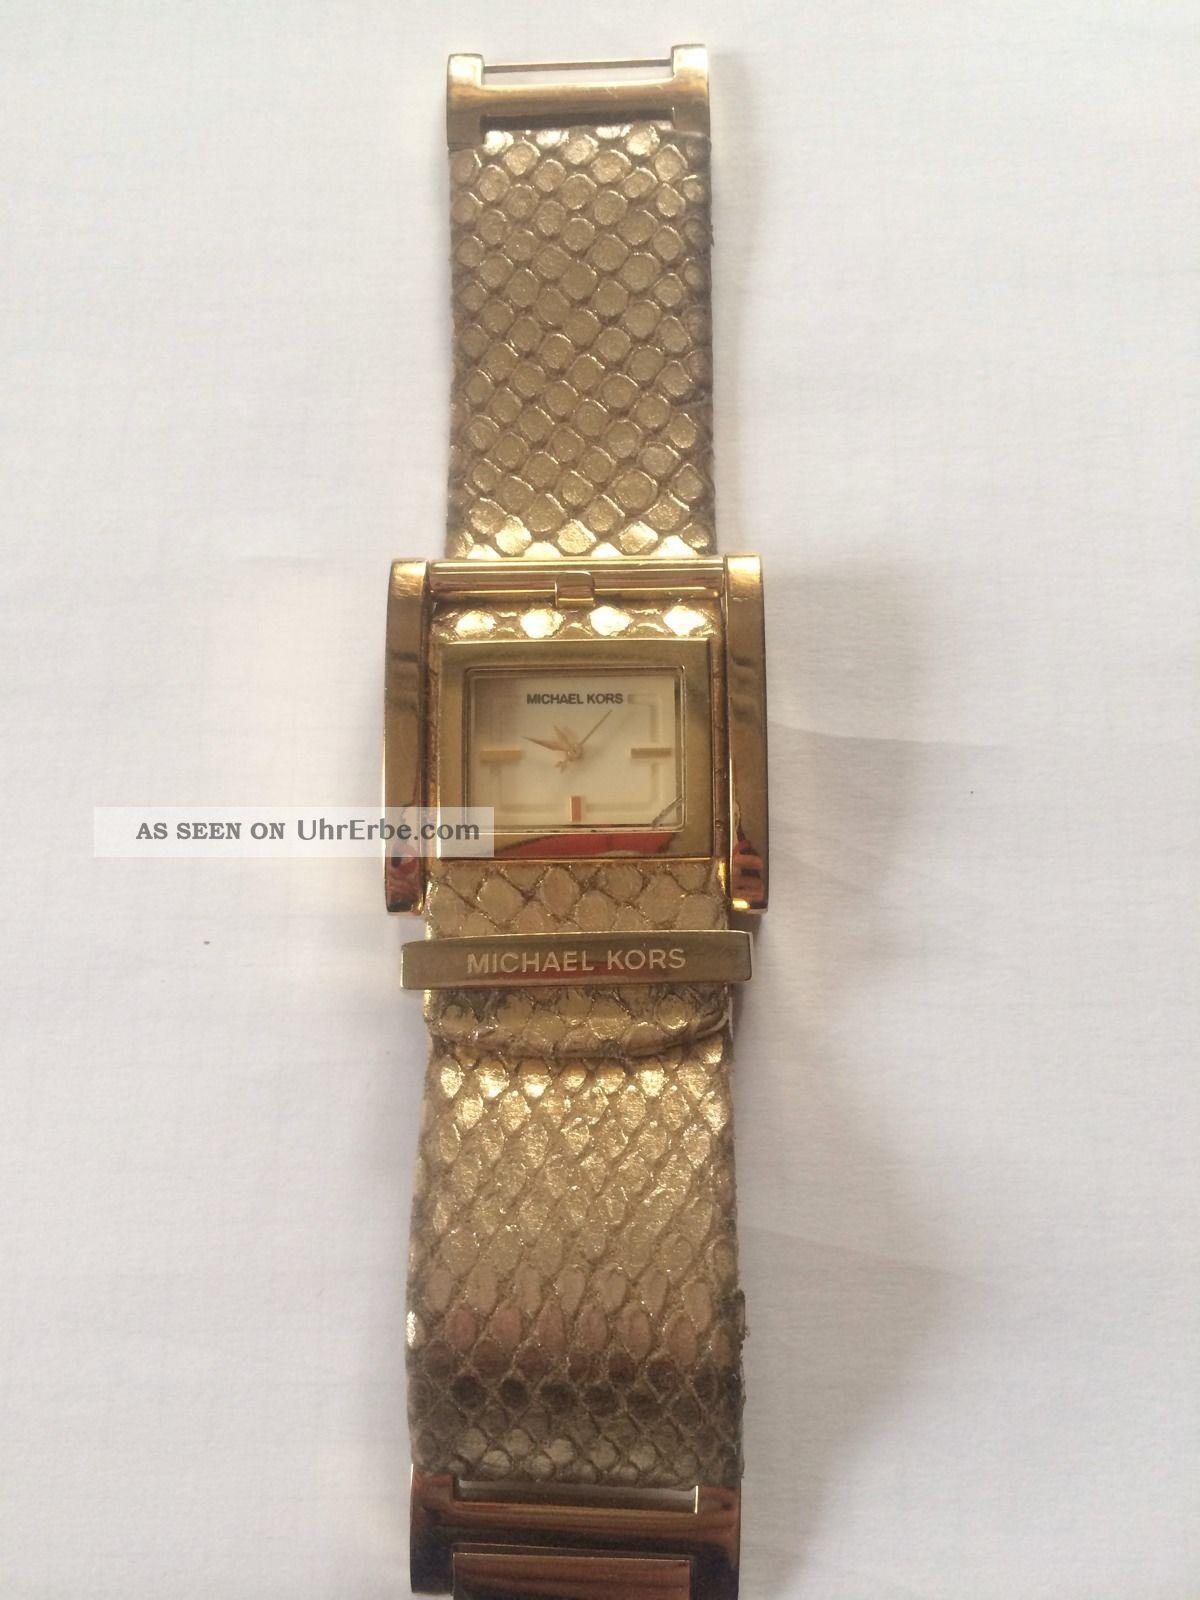 Michael Kors Damen Uhr Gold Armband Leder Schlangen Muster Armbanduhren Bild